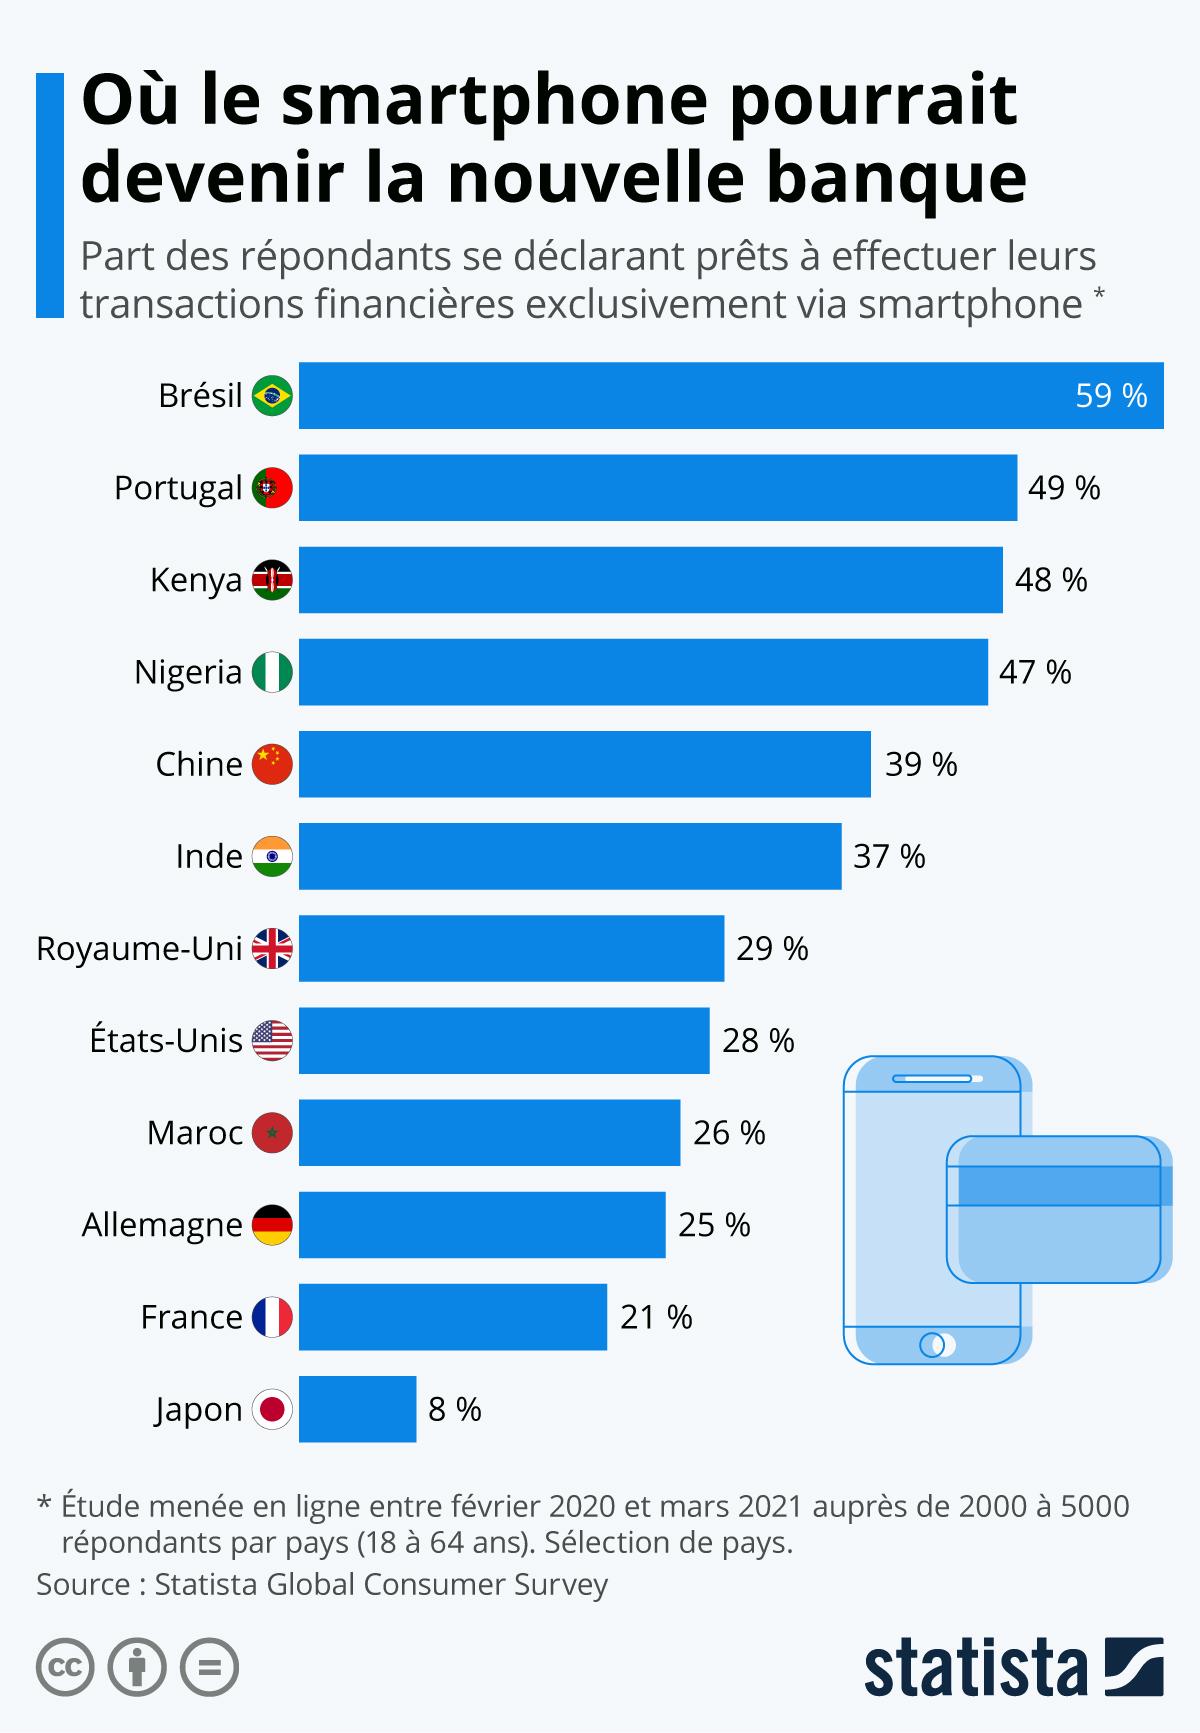 Infographie: Où le smartphone pourrait devenir la nouvelle banque | Statista